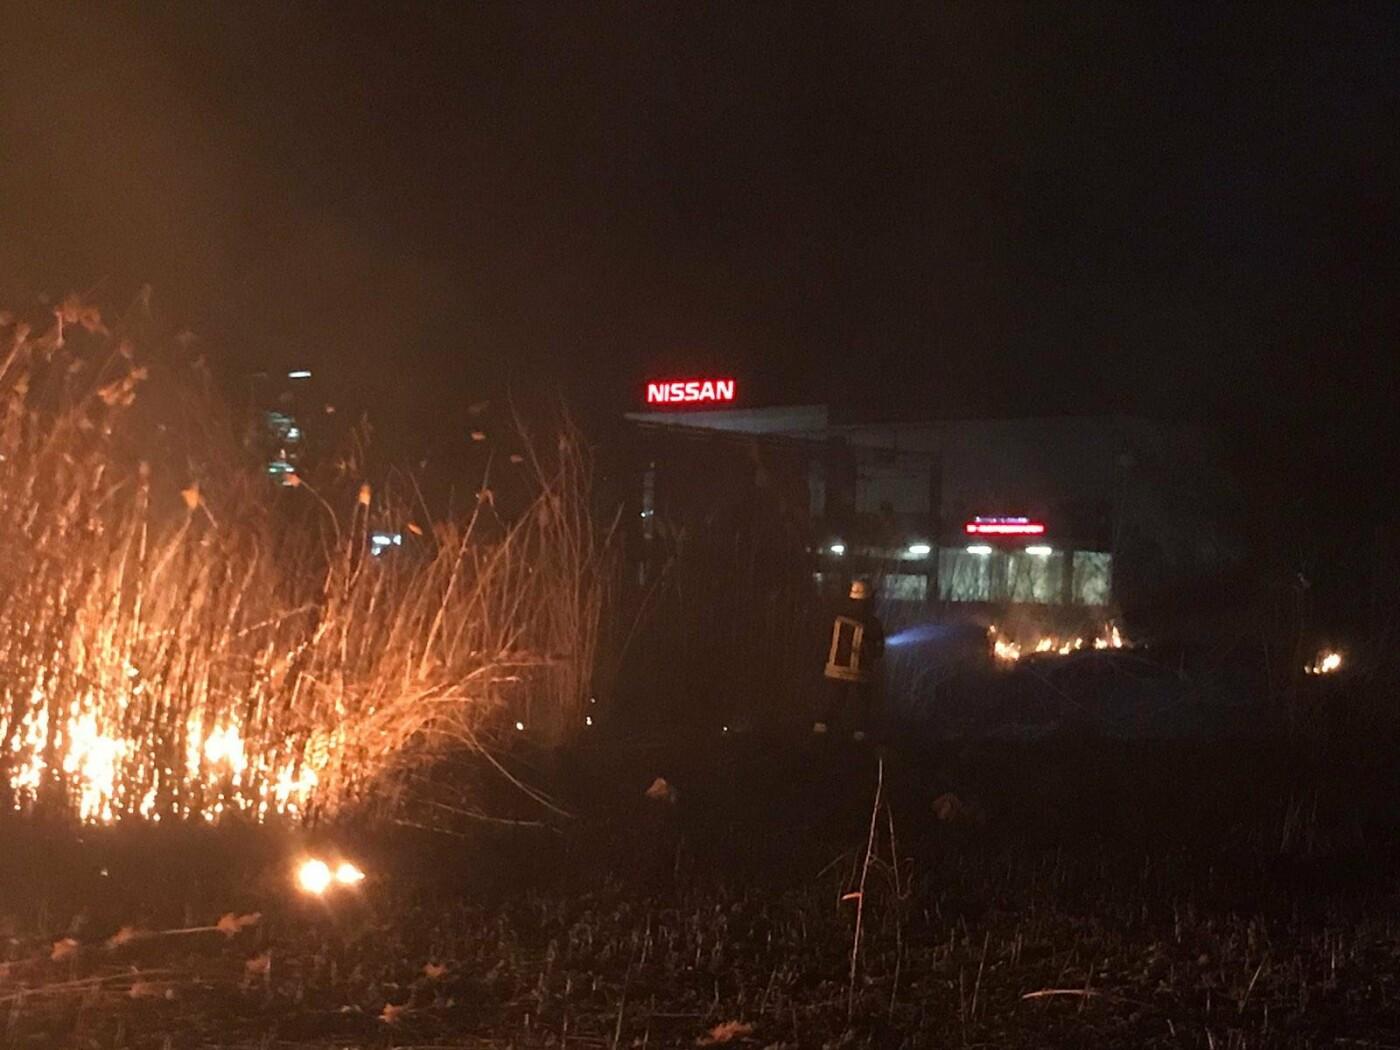 В Запорожской области за сутки пожары уничтожили экосистемы на площади в 6 футбольных полей, фото-1